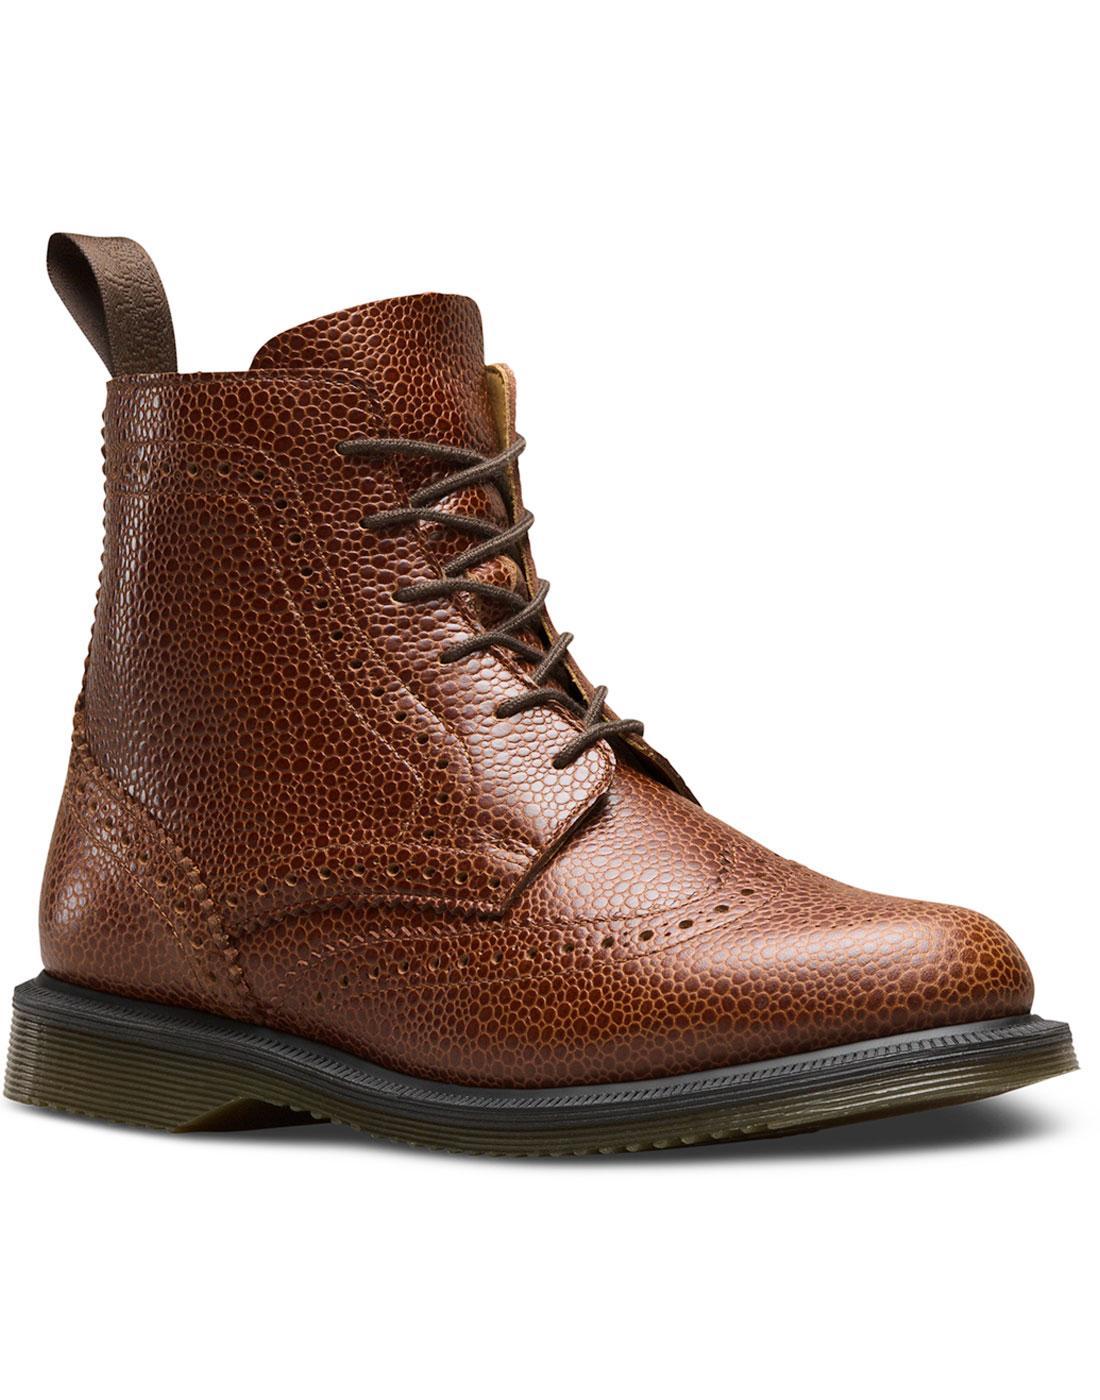 Delphine DR MARTENS Side Zip Brogue Ankle Boots C